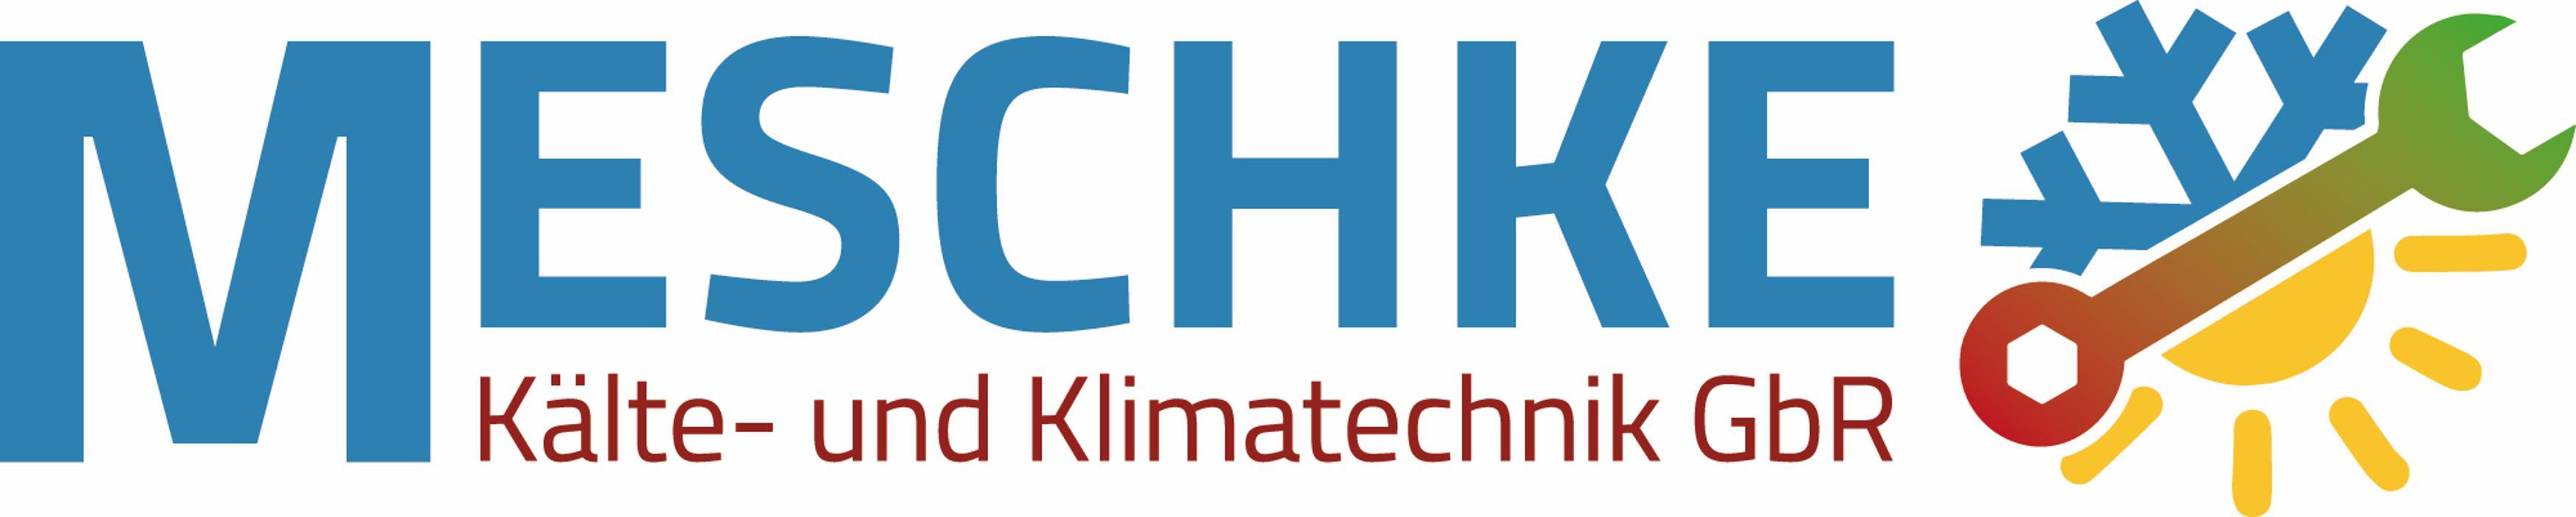 Bild zu Meschke Kälte- und Klimatechnik GbR in Ilvesheim